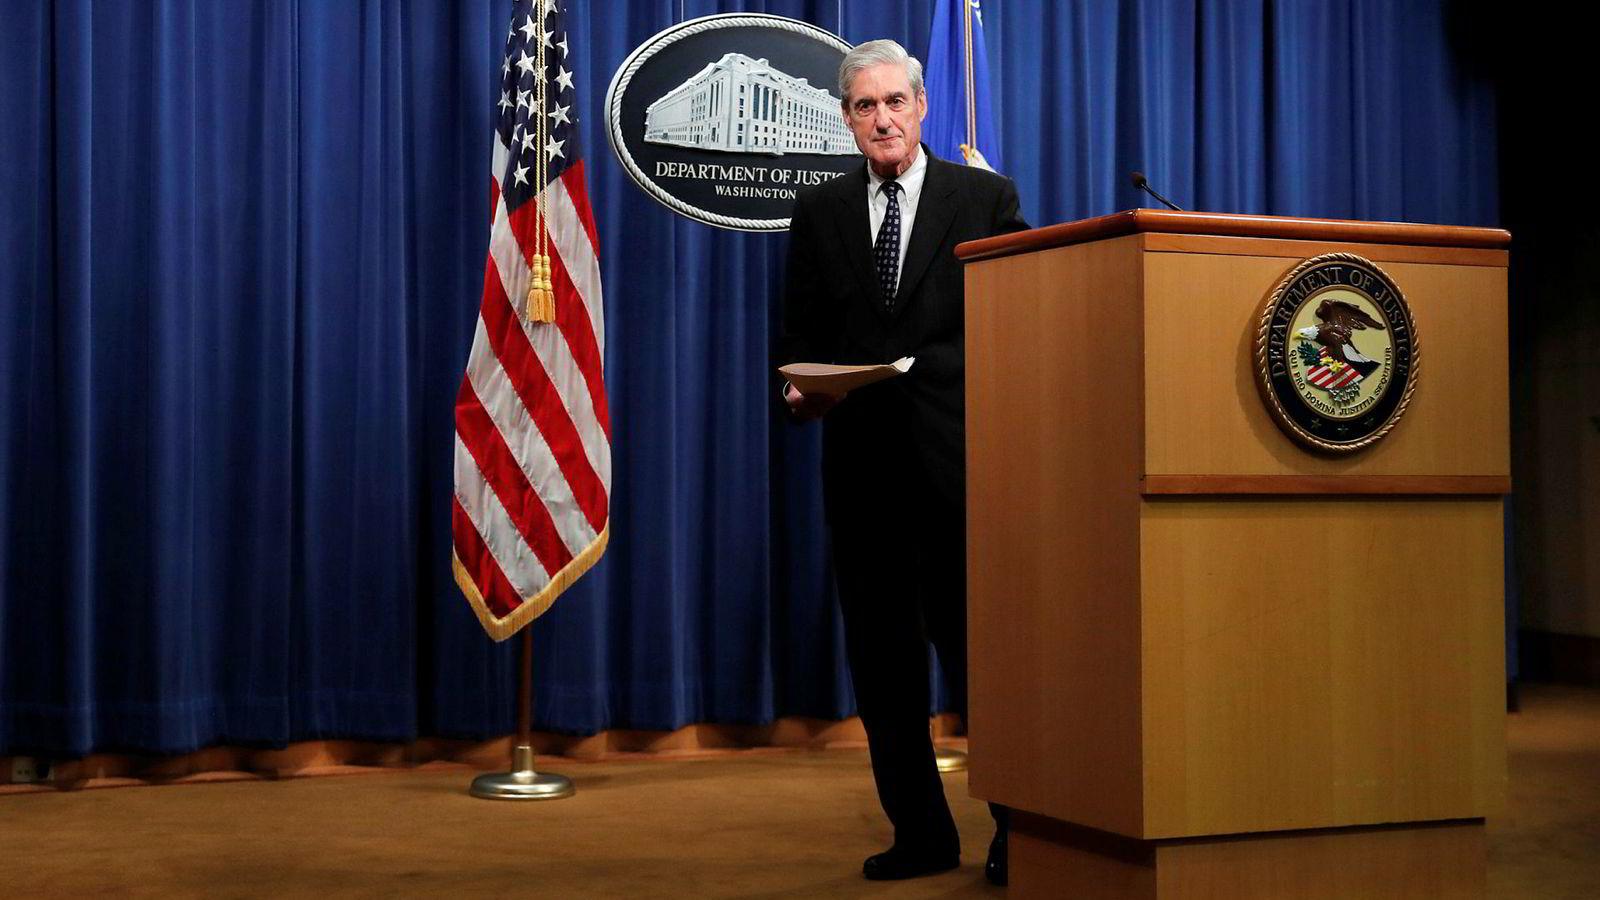 Spesialetterforsker Robert Mueller sier det ikke var aktuelt å anklage Trump, med henvisning til retningslinjene om at en sittende president ikke kan tiltales.